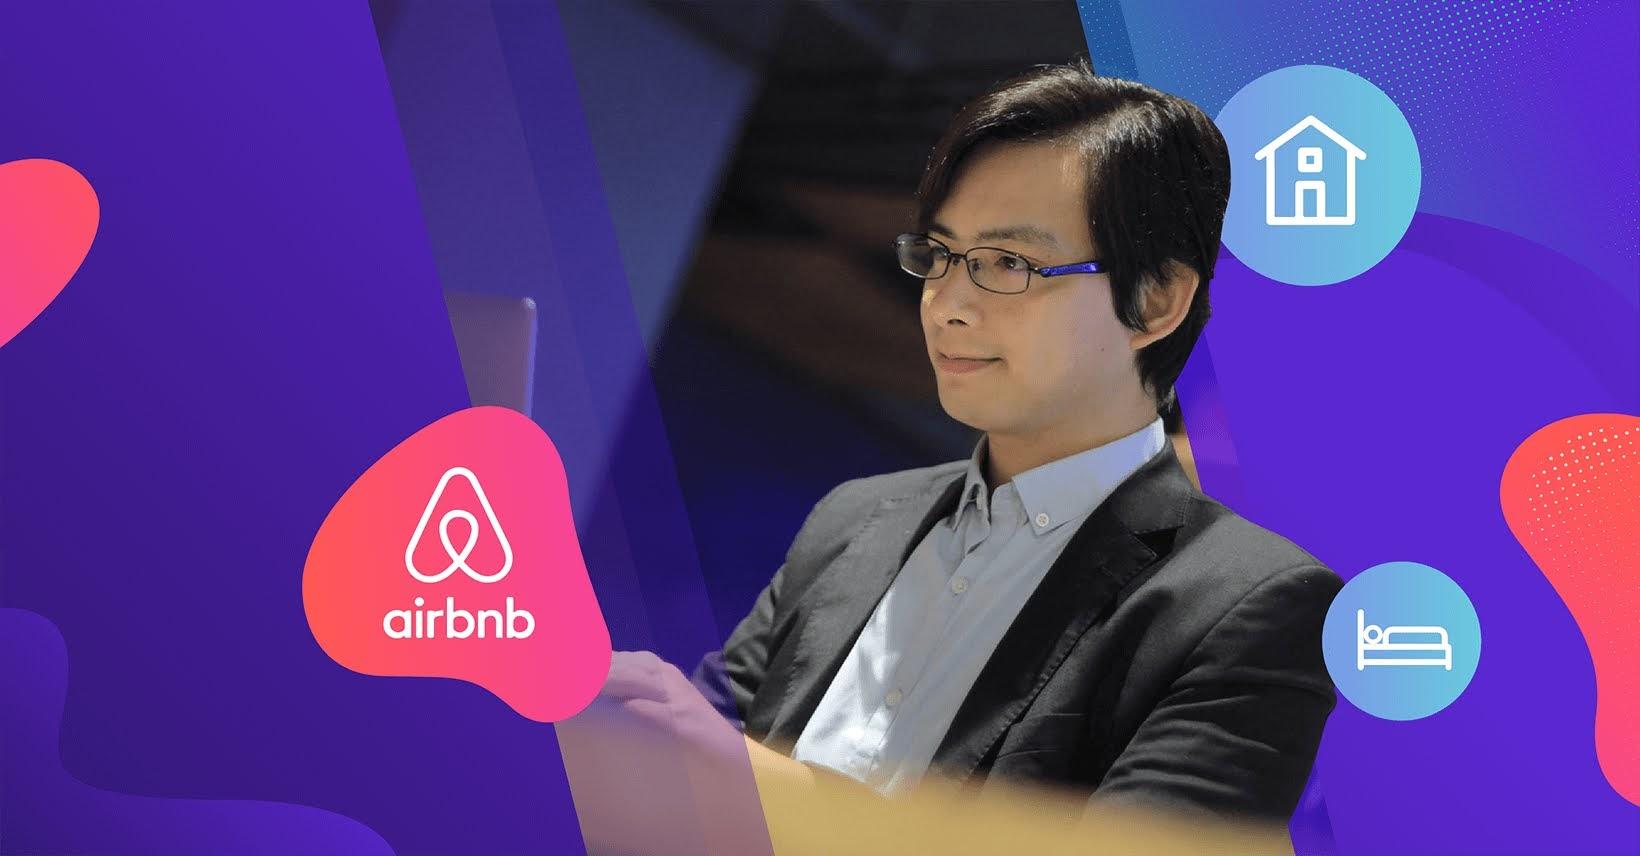 Khóa học hướng dẫn Thu nhập $1000/tháng từ việc kinh doanh Homestay trên Airbnb